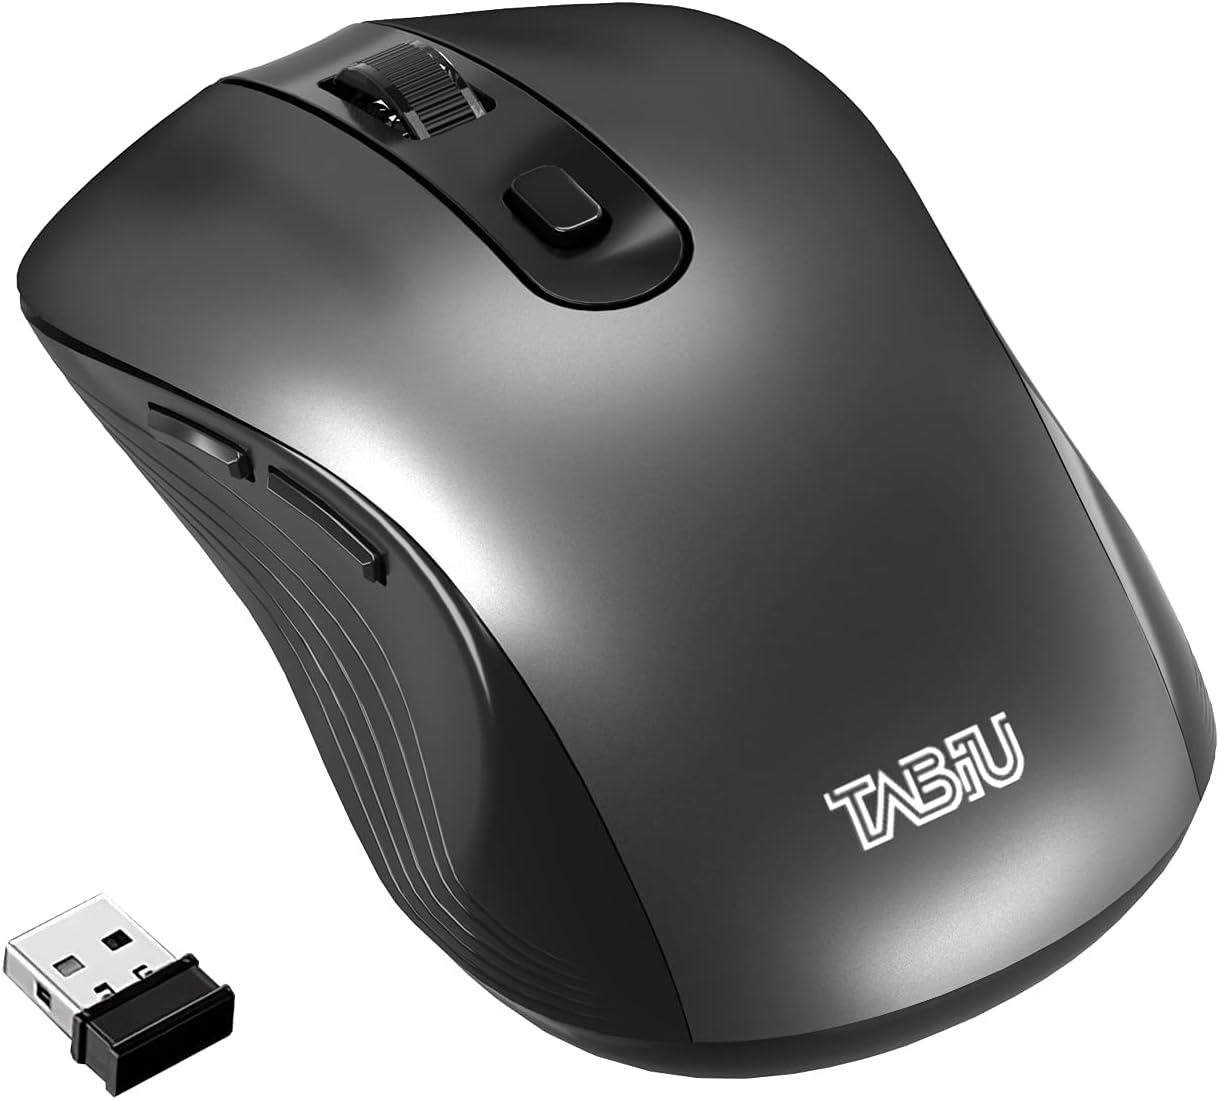 TNBIU Wireless Mouse 2.4G wit Ergonomics Today's only Cordless San Jose Mall 4000DPI